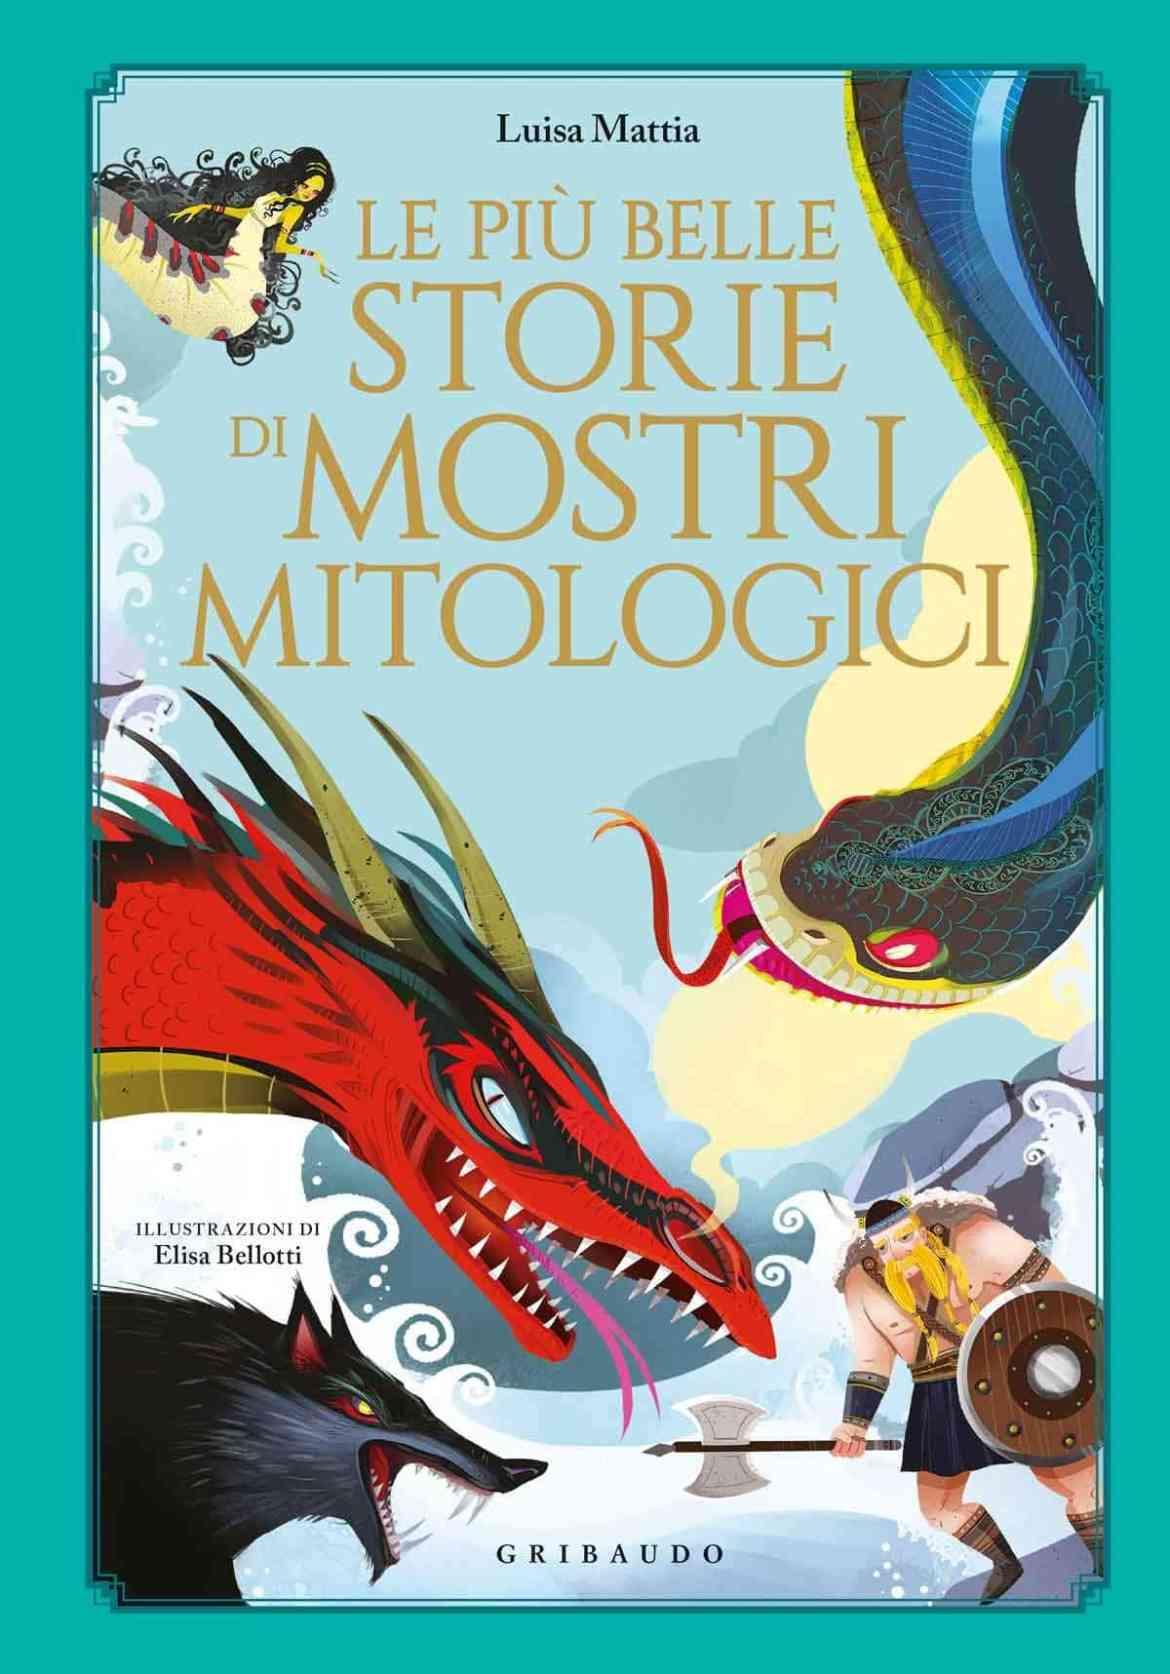 Recensione di Le Più Belle Storie Di Mostri Mitologici – L. Mattia